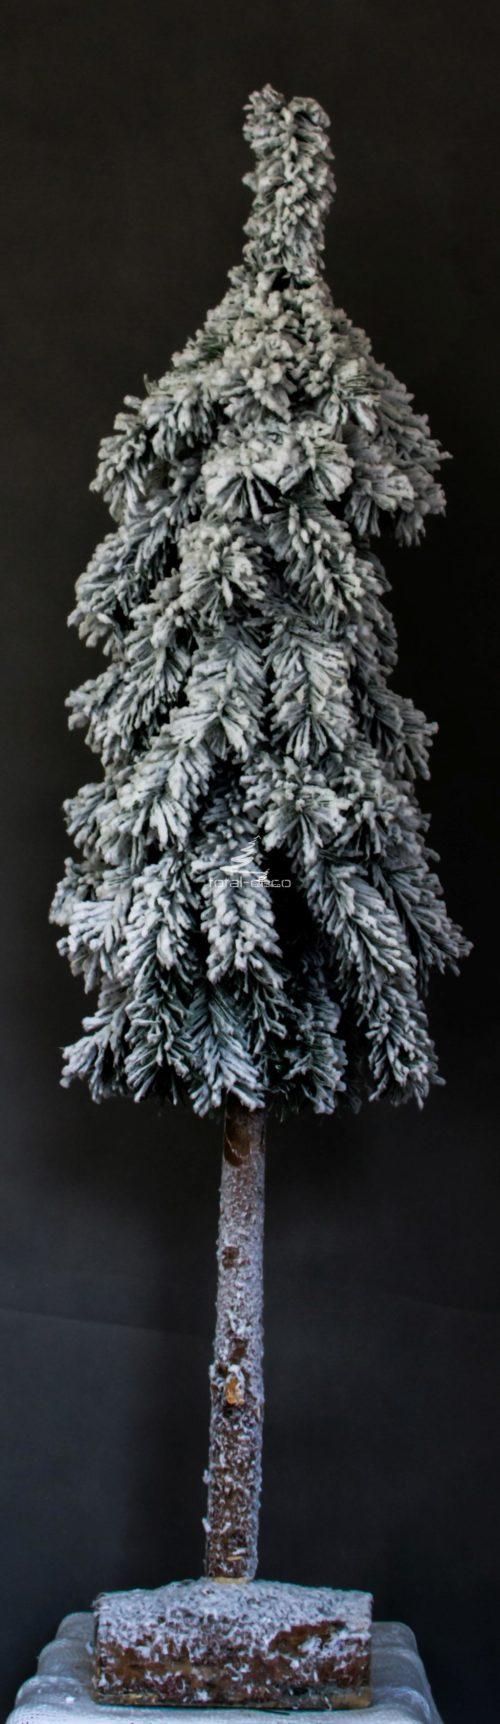 choinka sztuczna na pniu imitująca świerka górskiego drewniana podstawa białą ośnieżona nowoczesna oryginalna pionowa wąska oprószona śniegiem śnieg